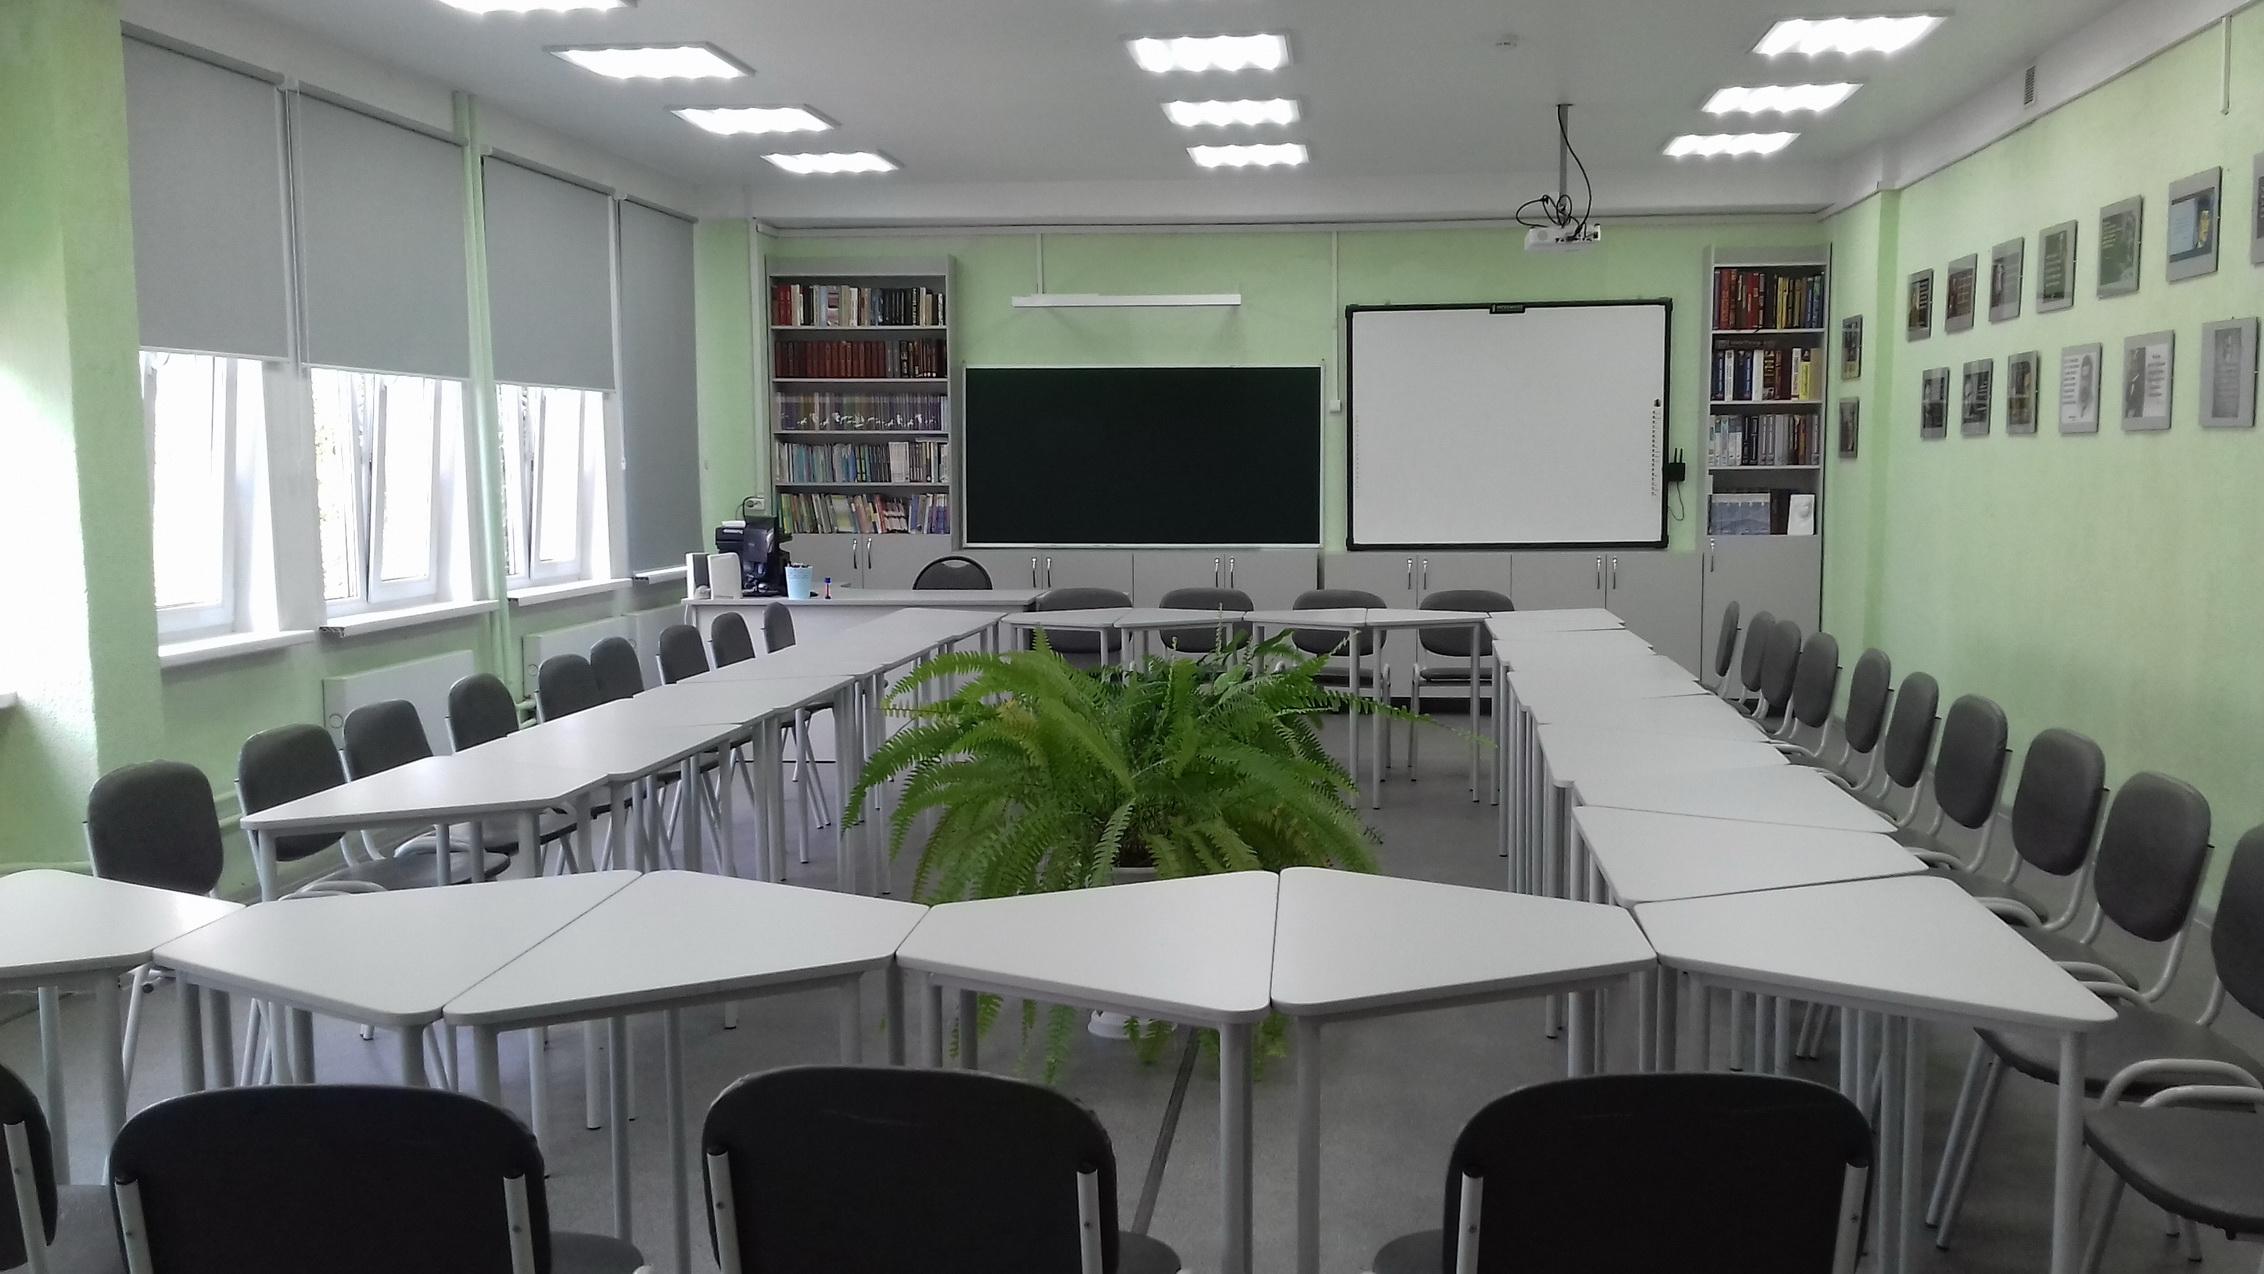 Кабинет Есенина в шеоле 144 Красноярск